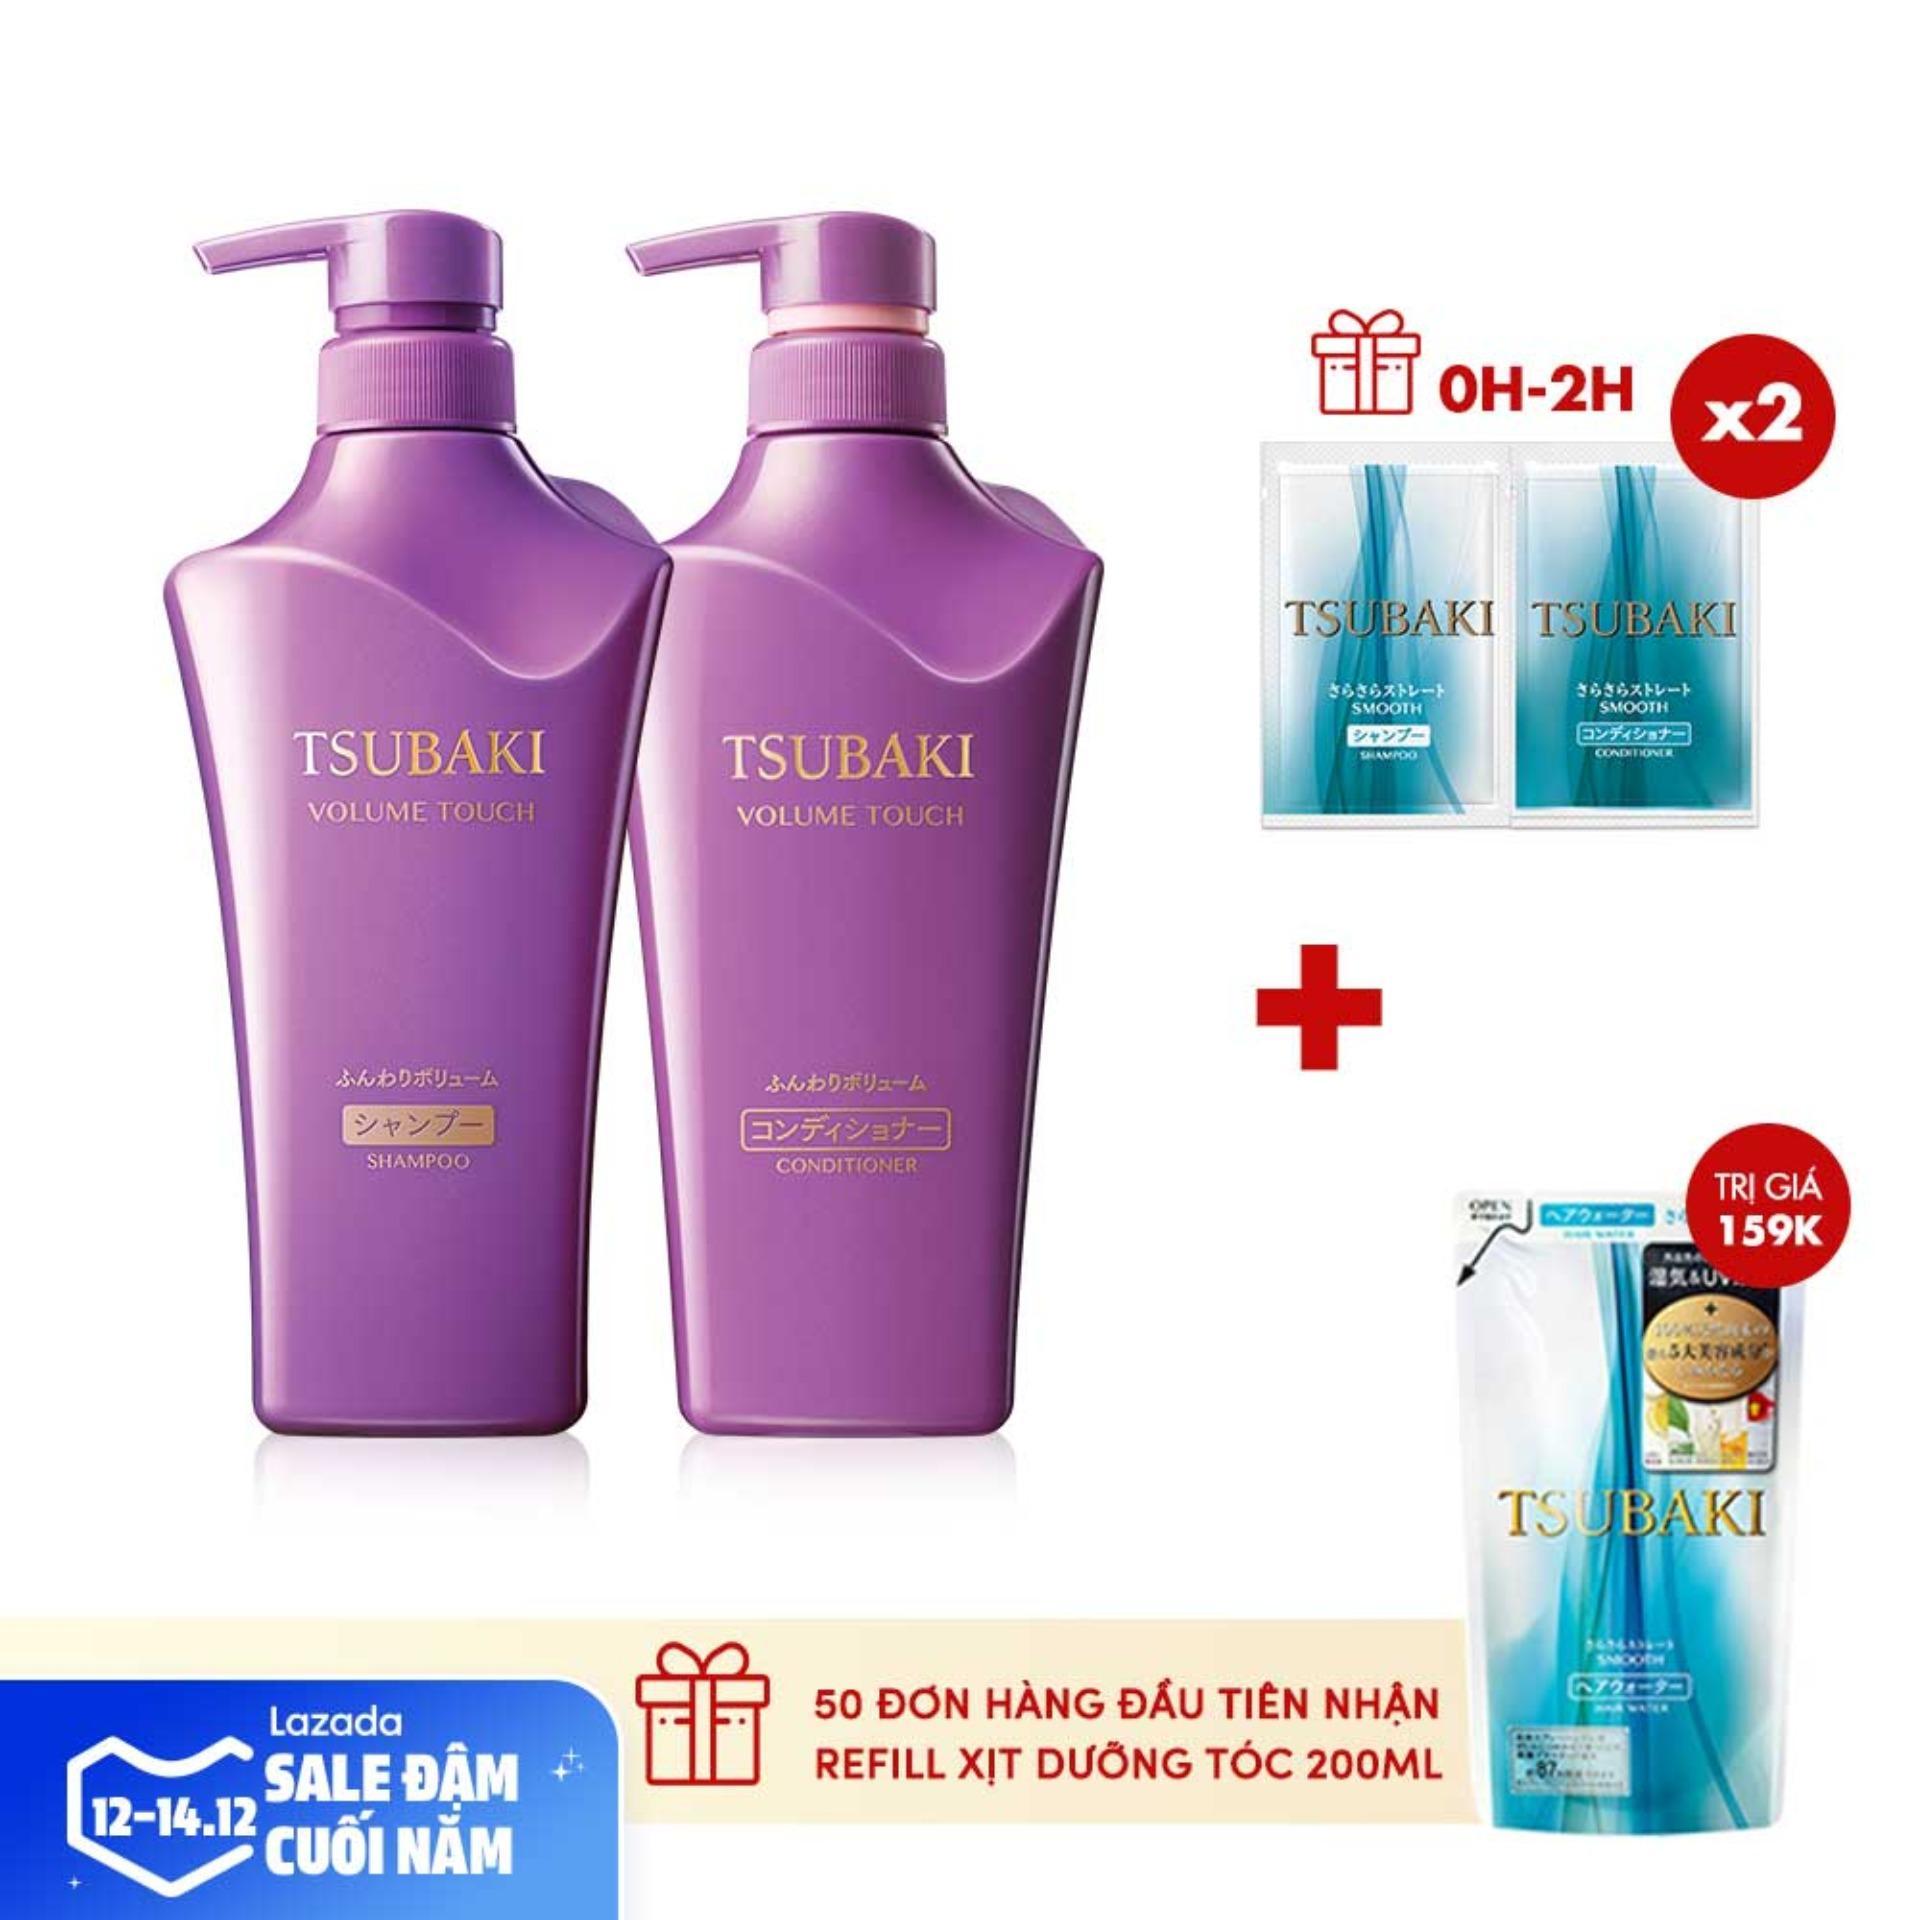 Bộ đôi dầu gội và dầu xả ngăn rụng tóc tsubaki volume Touch 500ml/chai giá rẻ